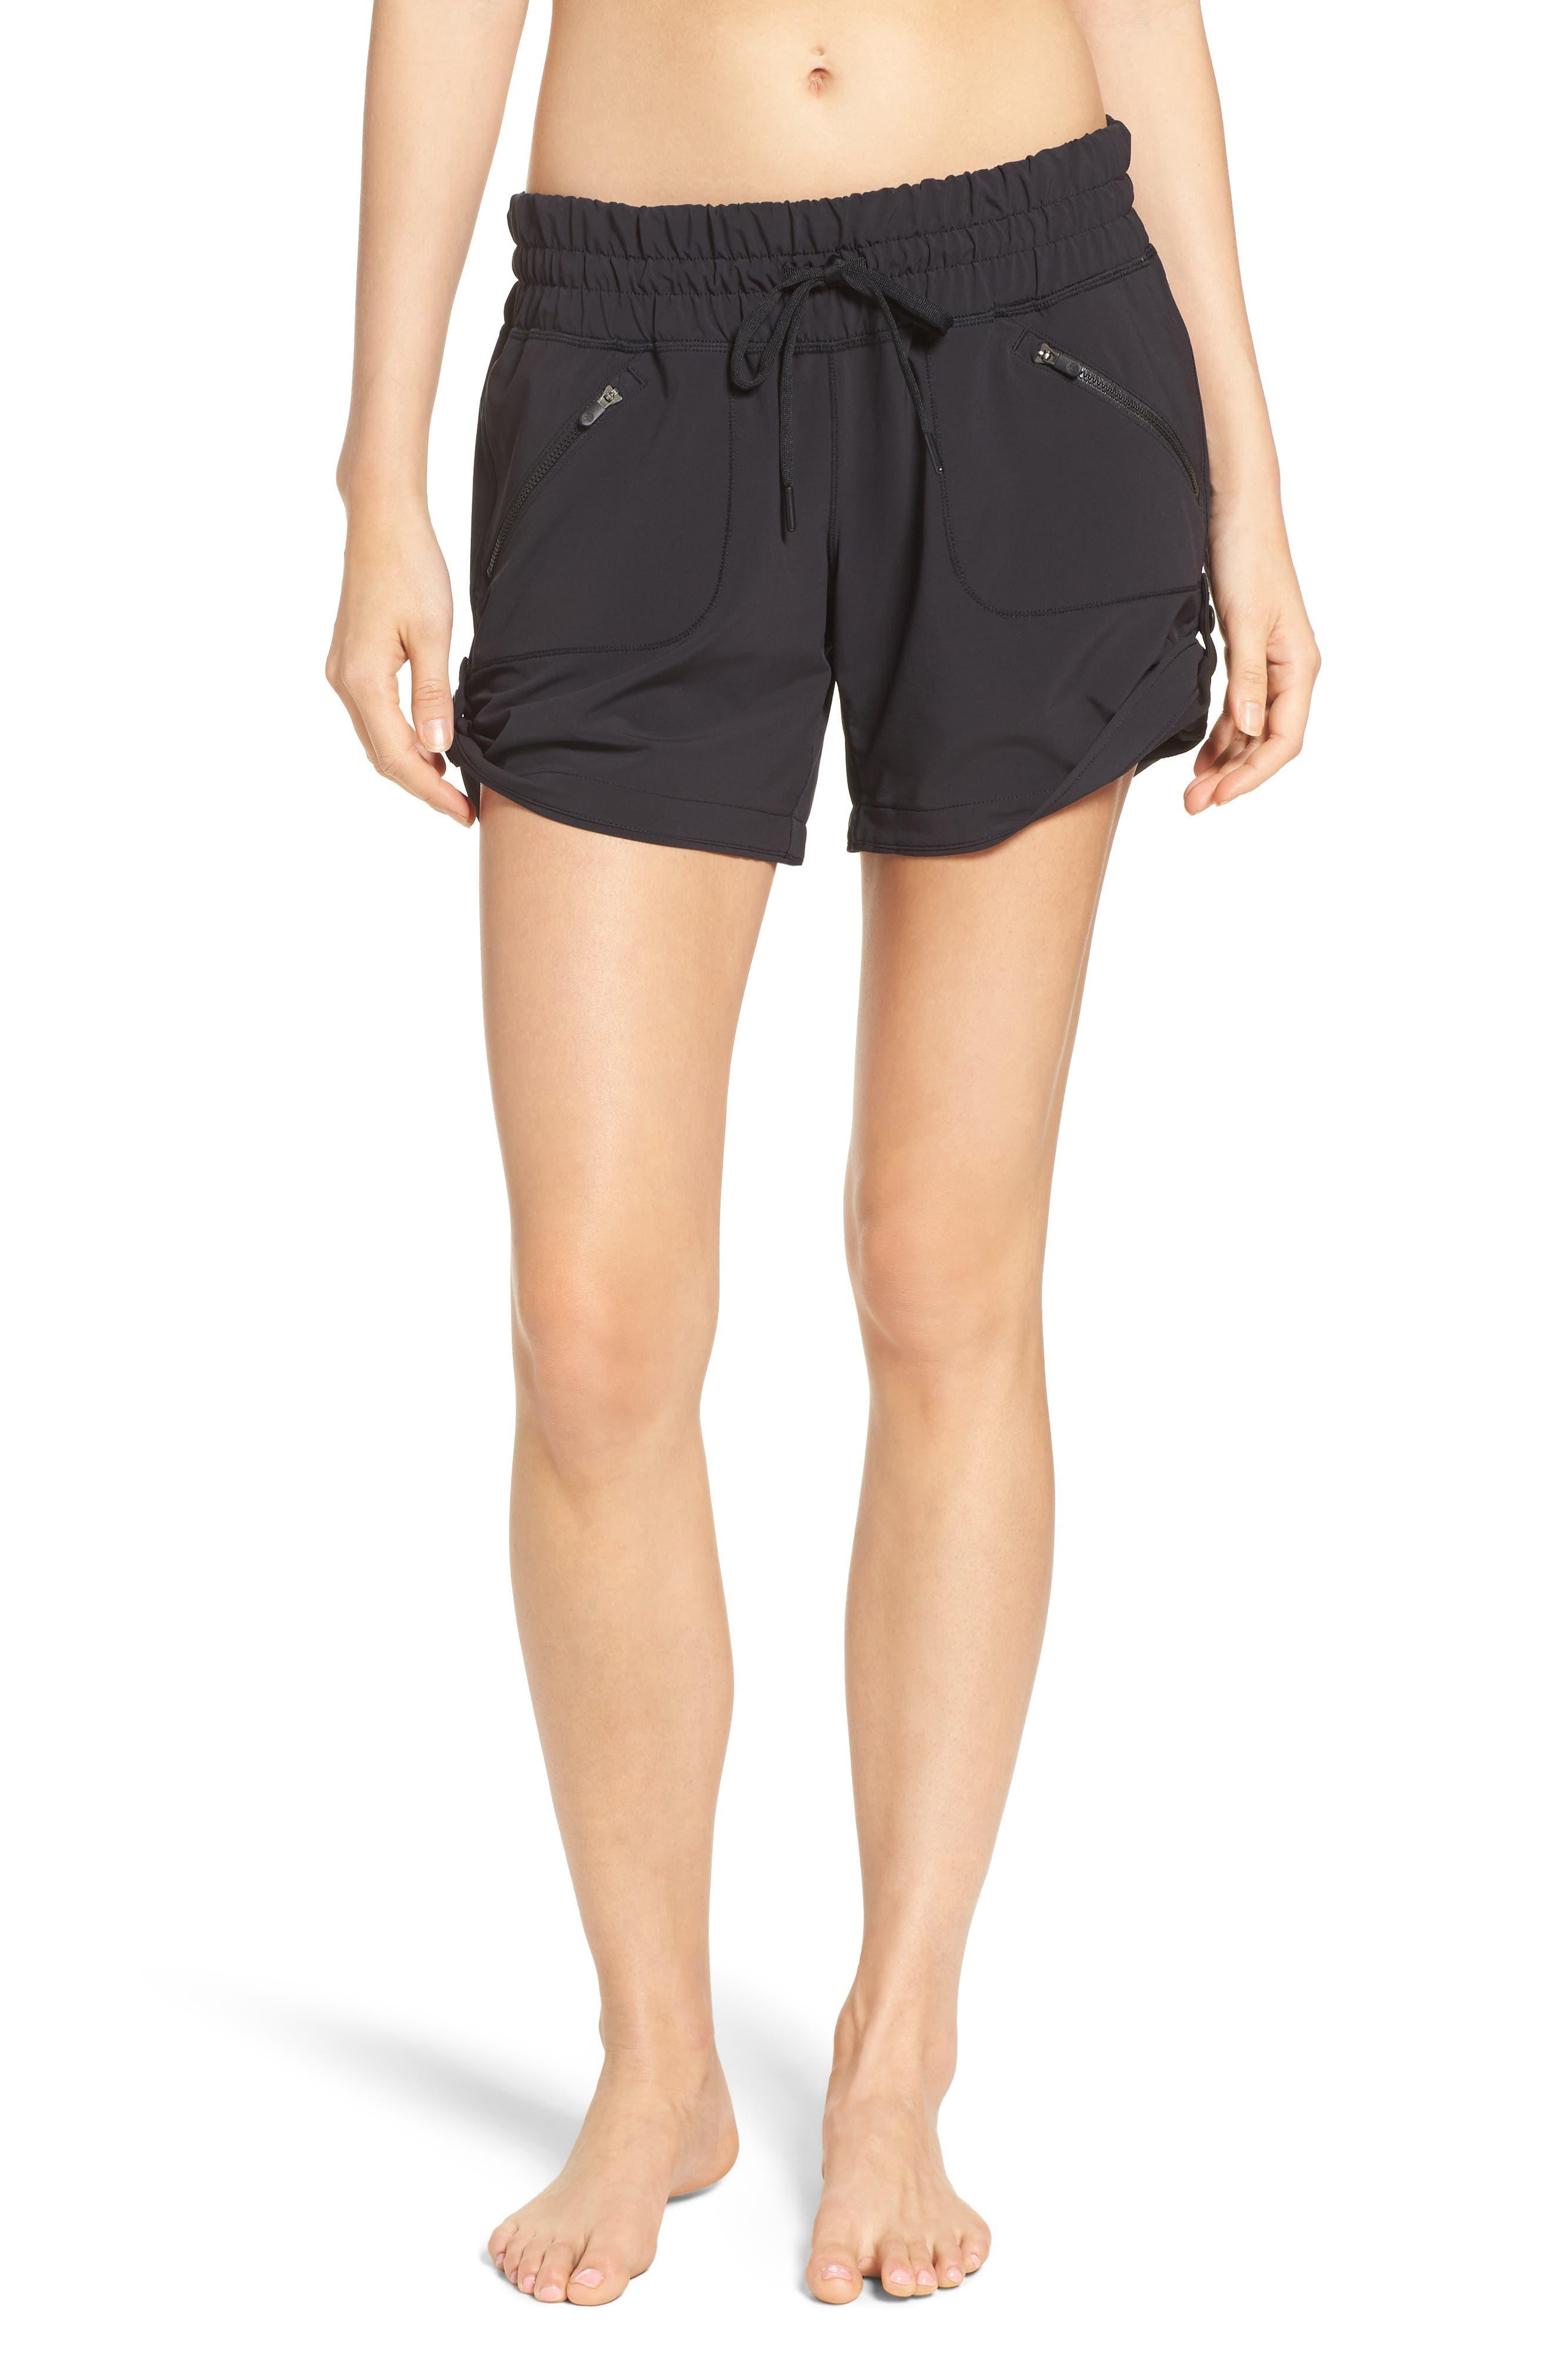 ZELLA Switchback Shorts, Main, color, BLACK